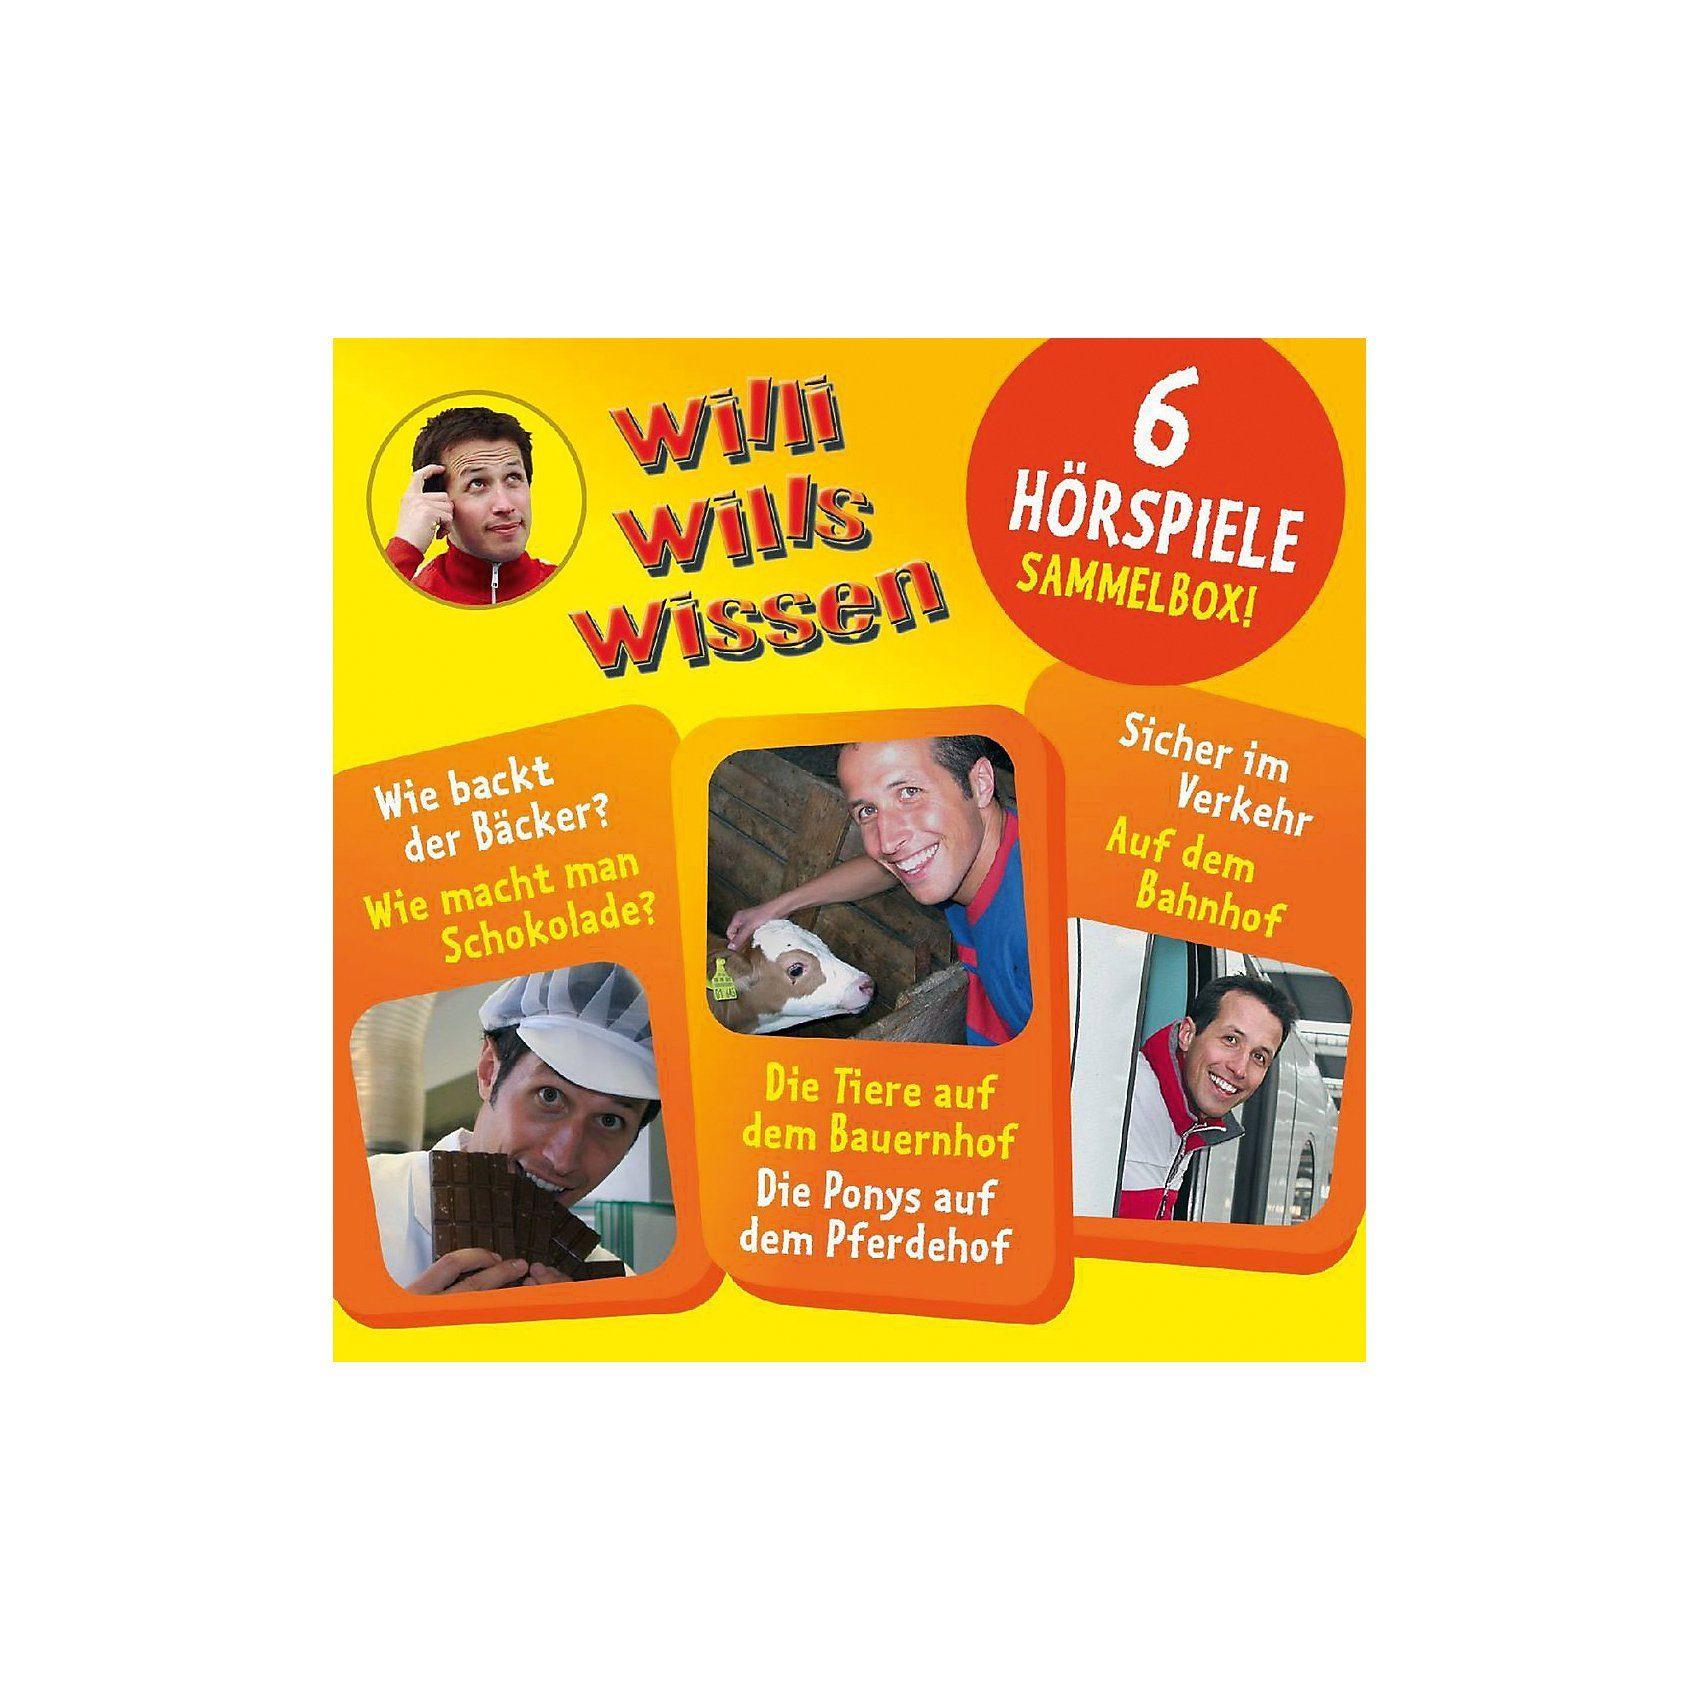 Edel CD Willi Wills Wissen Sammelbox 01 mit 6 Hörspielen